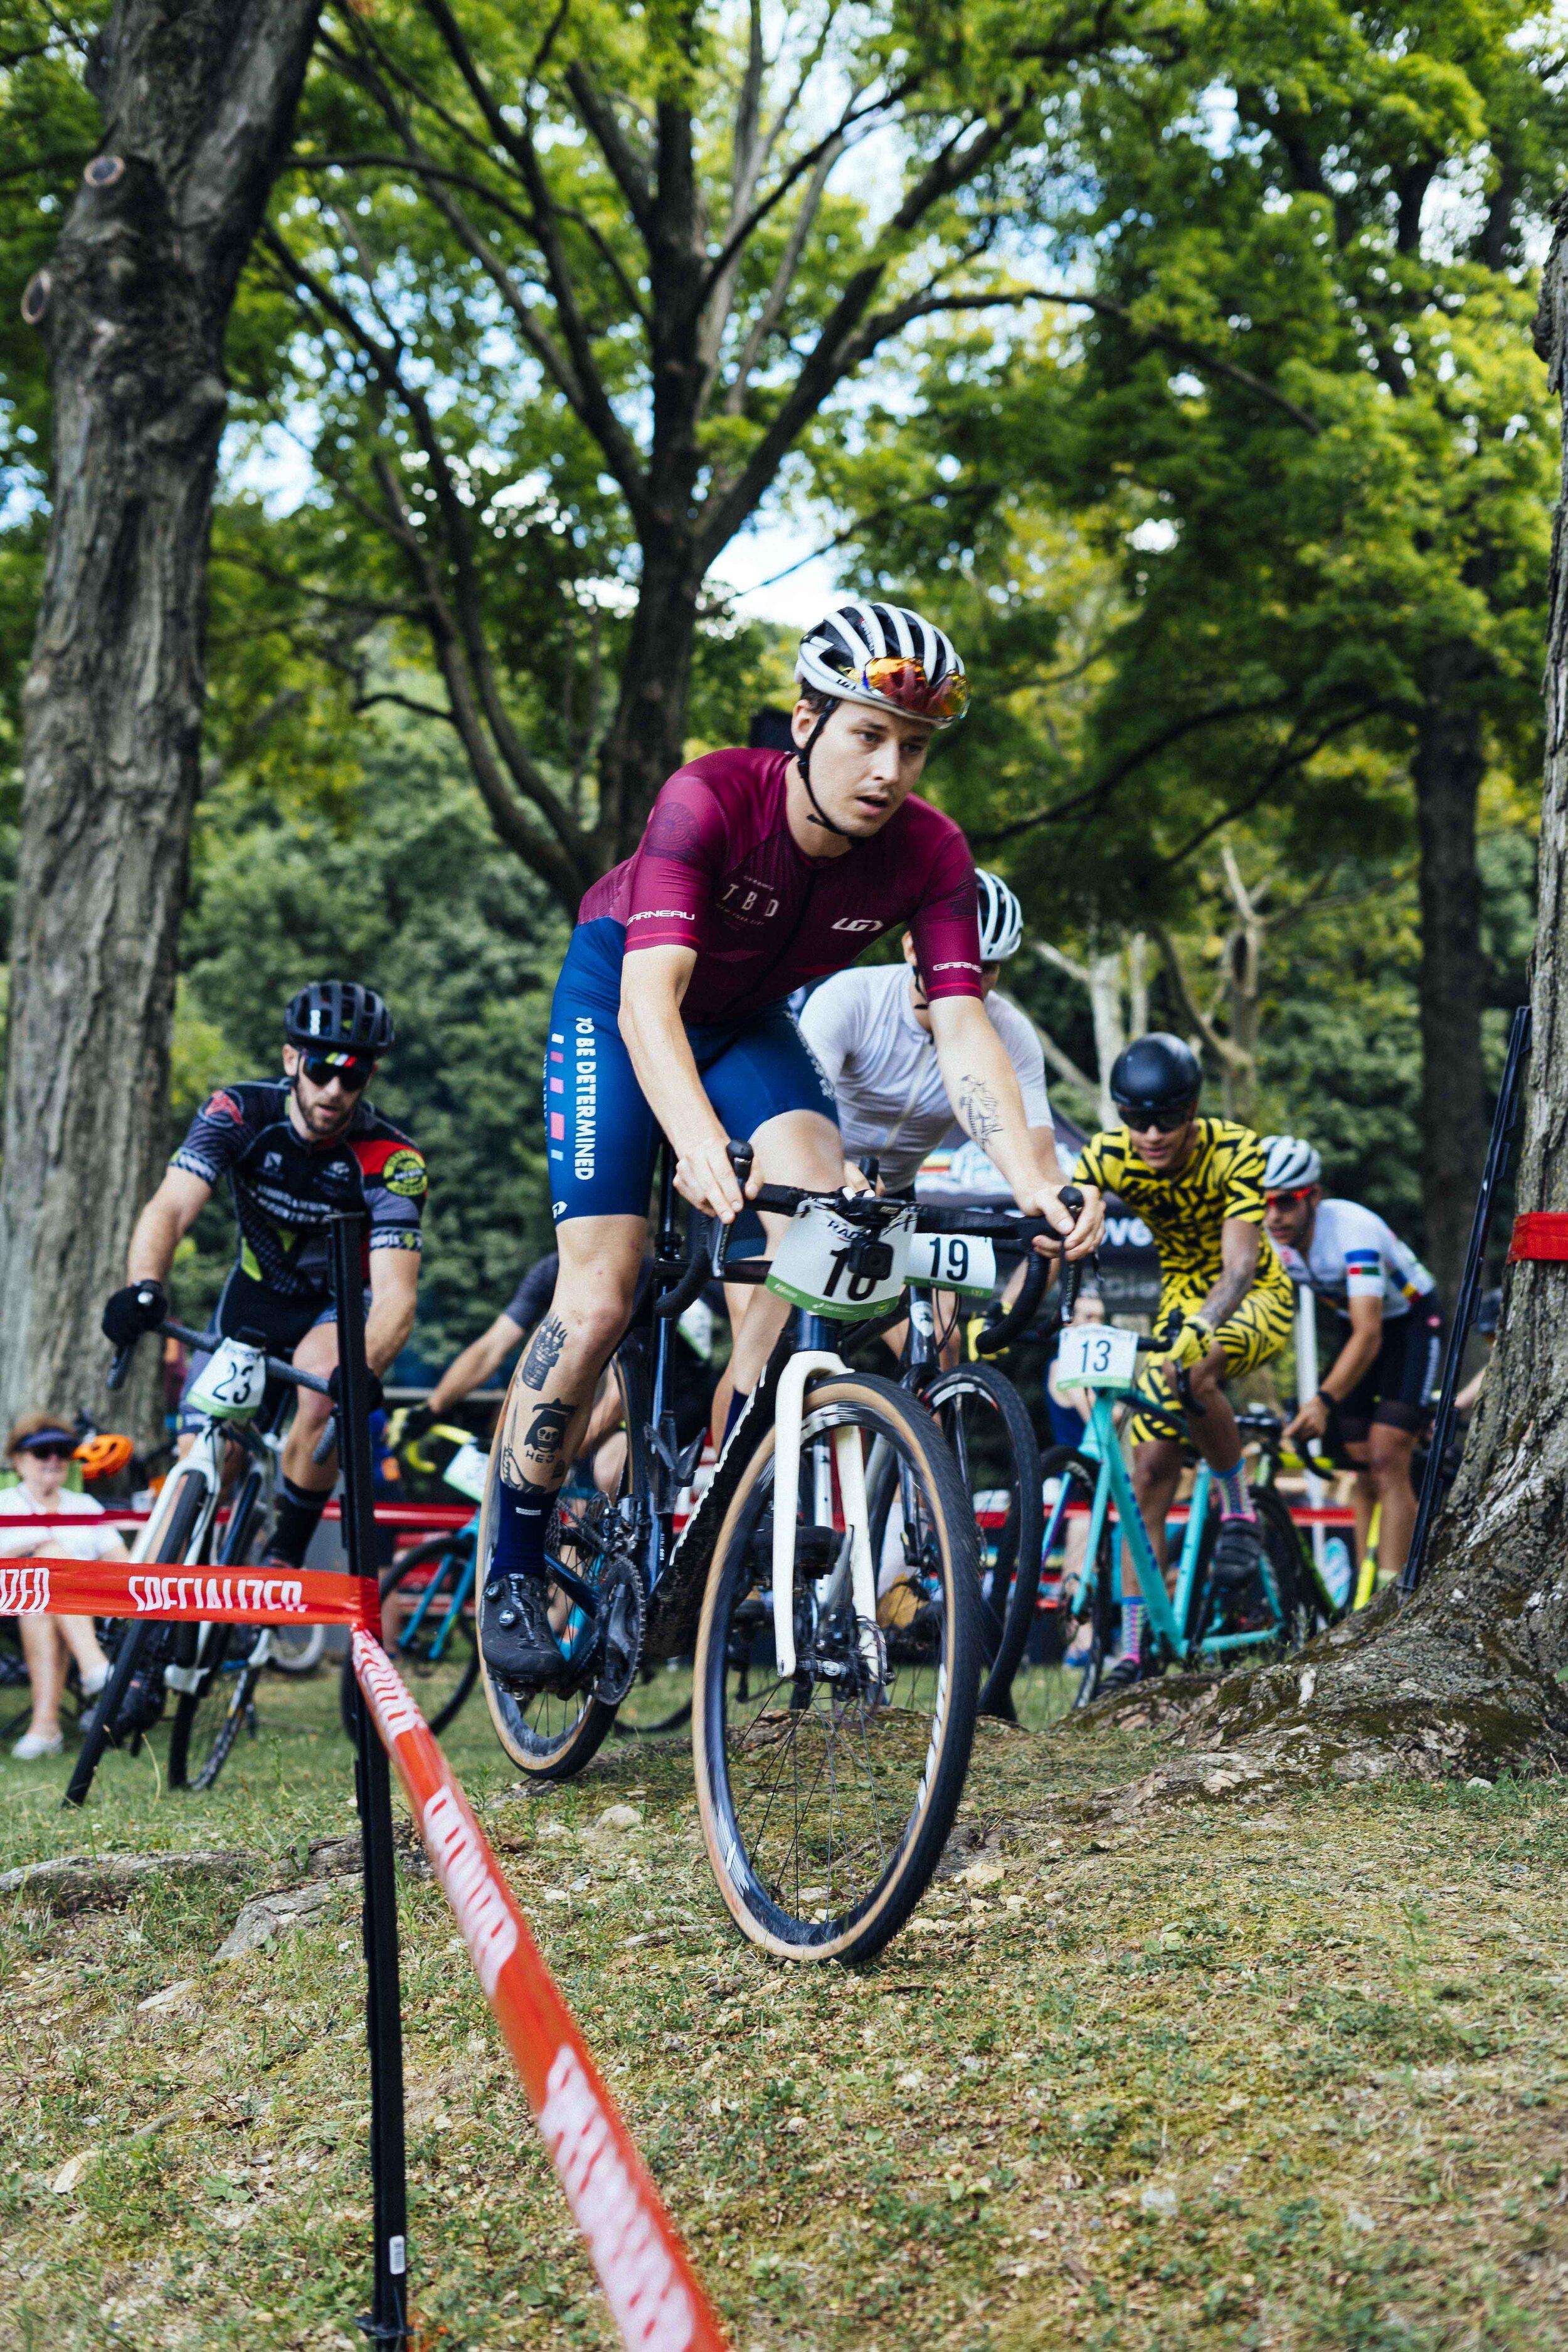 raab-radsport-hill-dirt-2019-1242.jpg